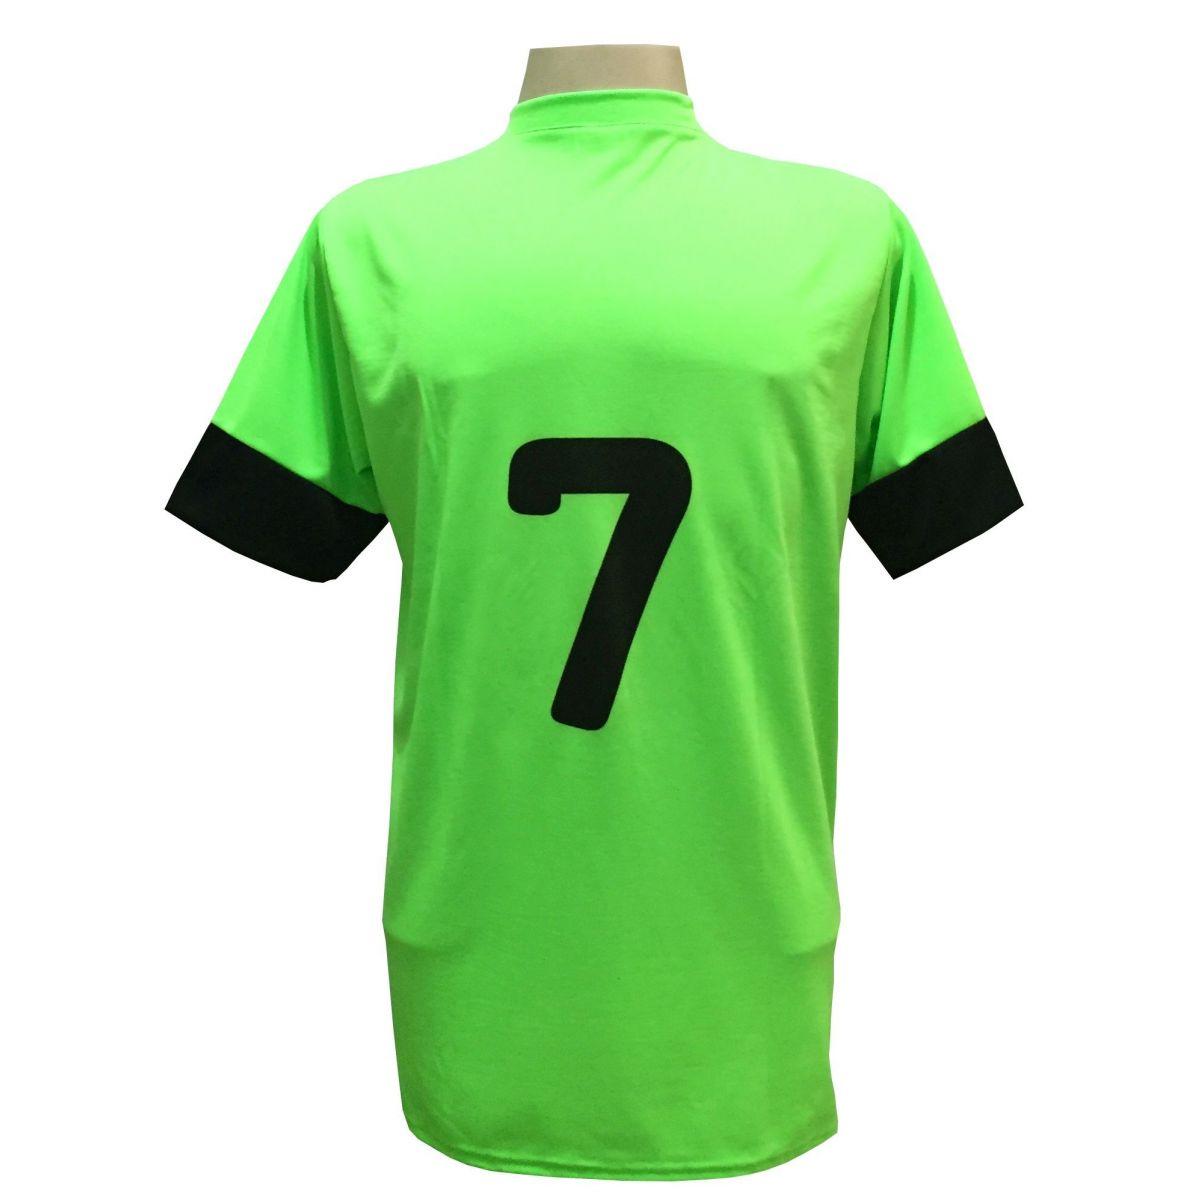 Jogo de Camisa com 18 unidades modelo Columbus Limão/Preto + 1 Goleiro + Brindes